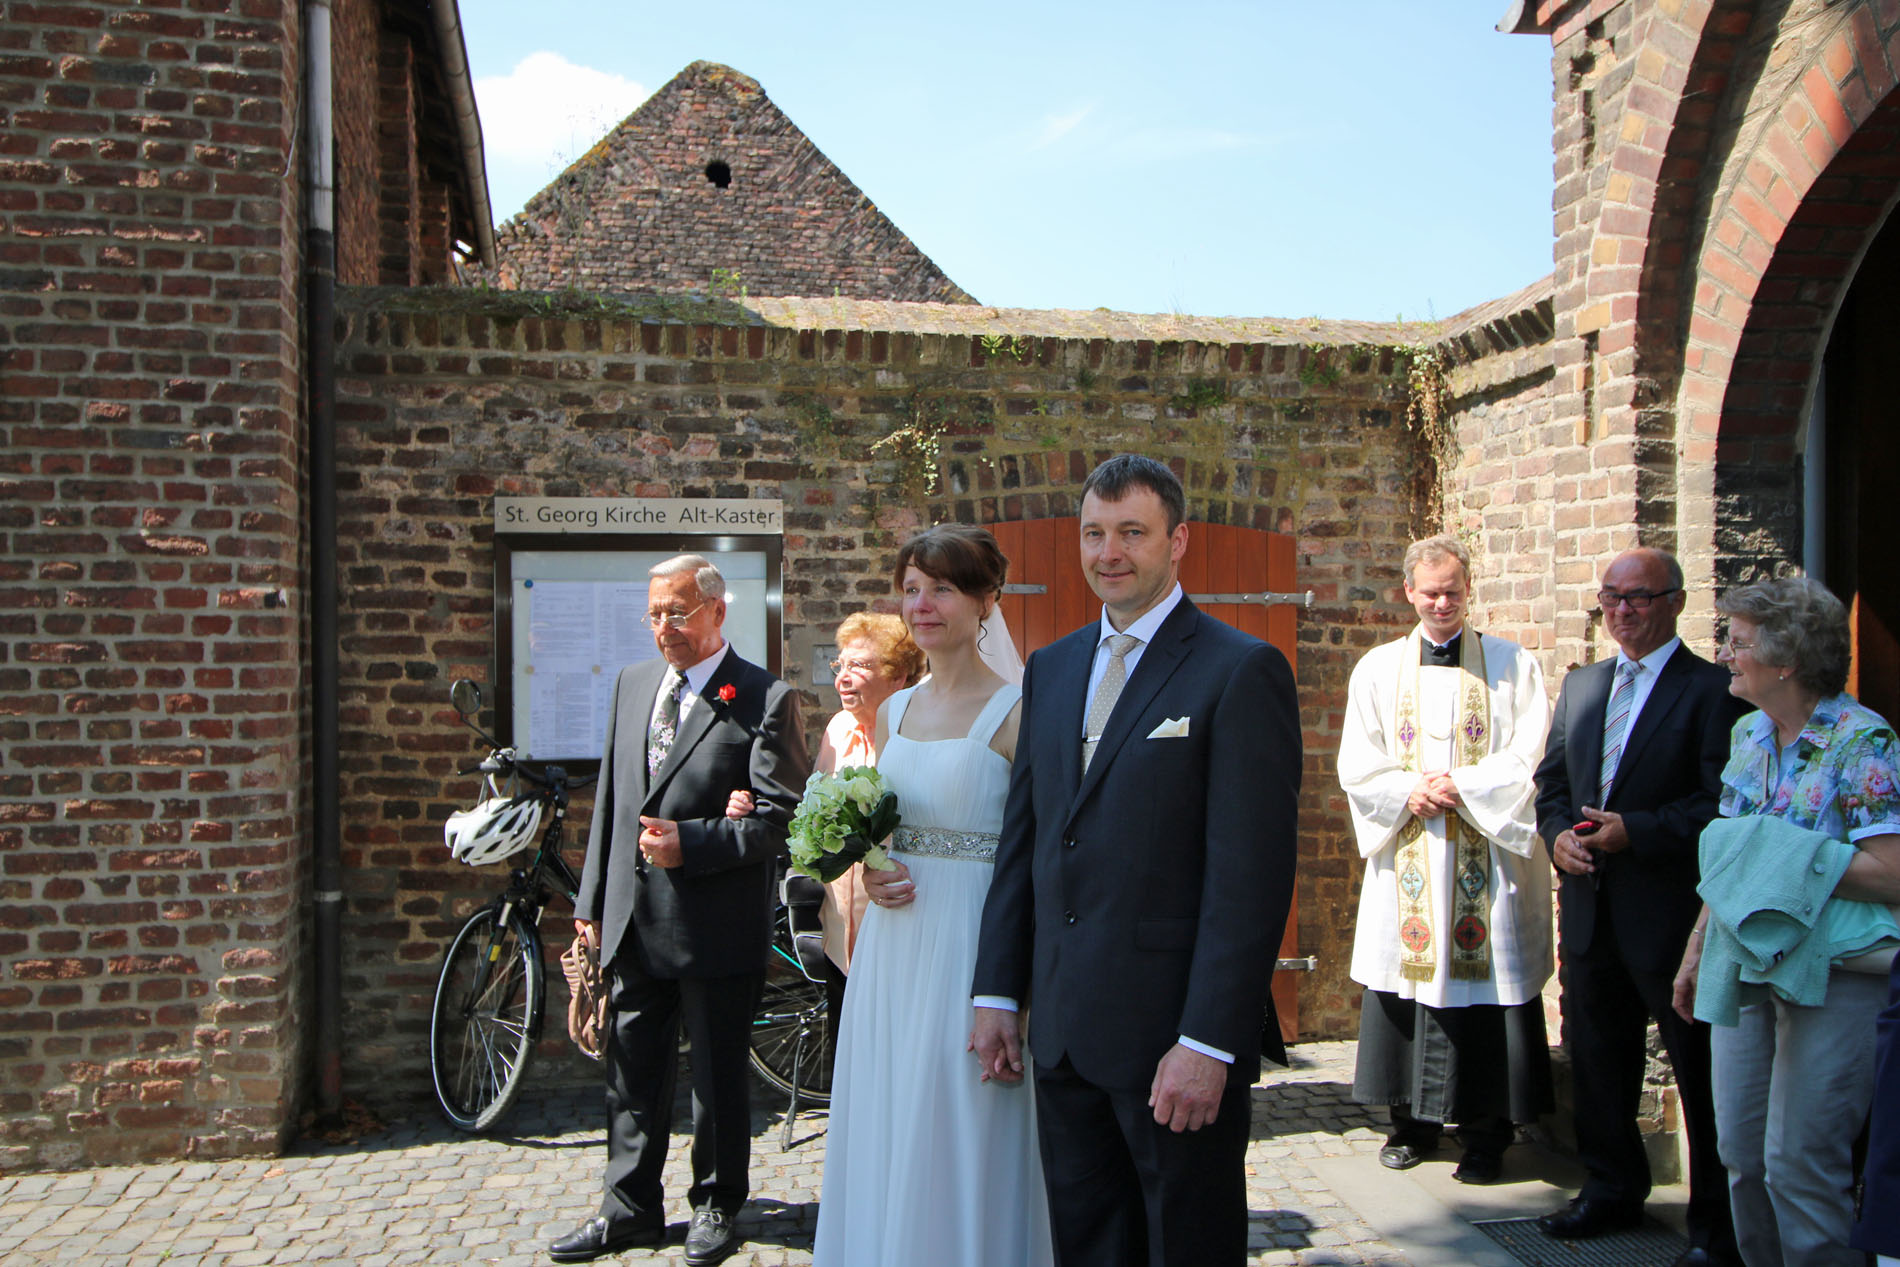 So hat es sich der Chor natürlich nach der Trauung nicht nehmen lassen, dem Brautpaar noch ein Ständchen zu singen.